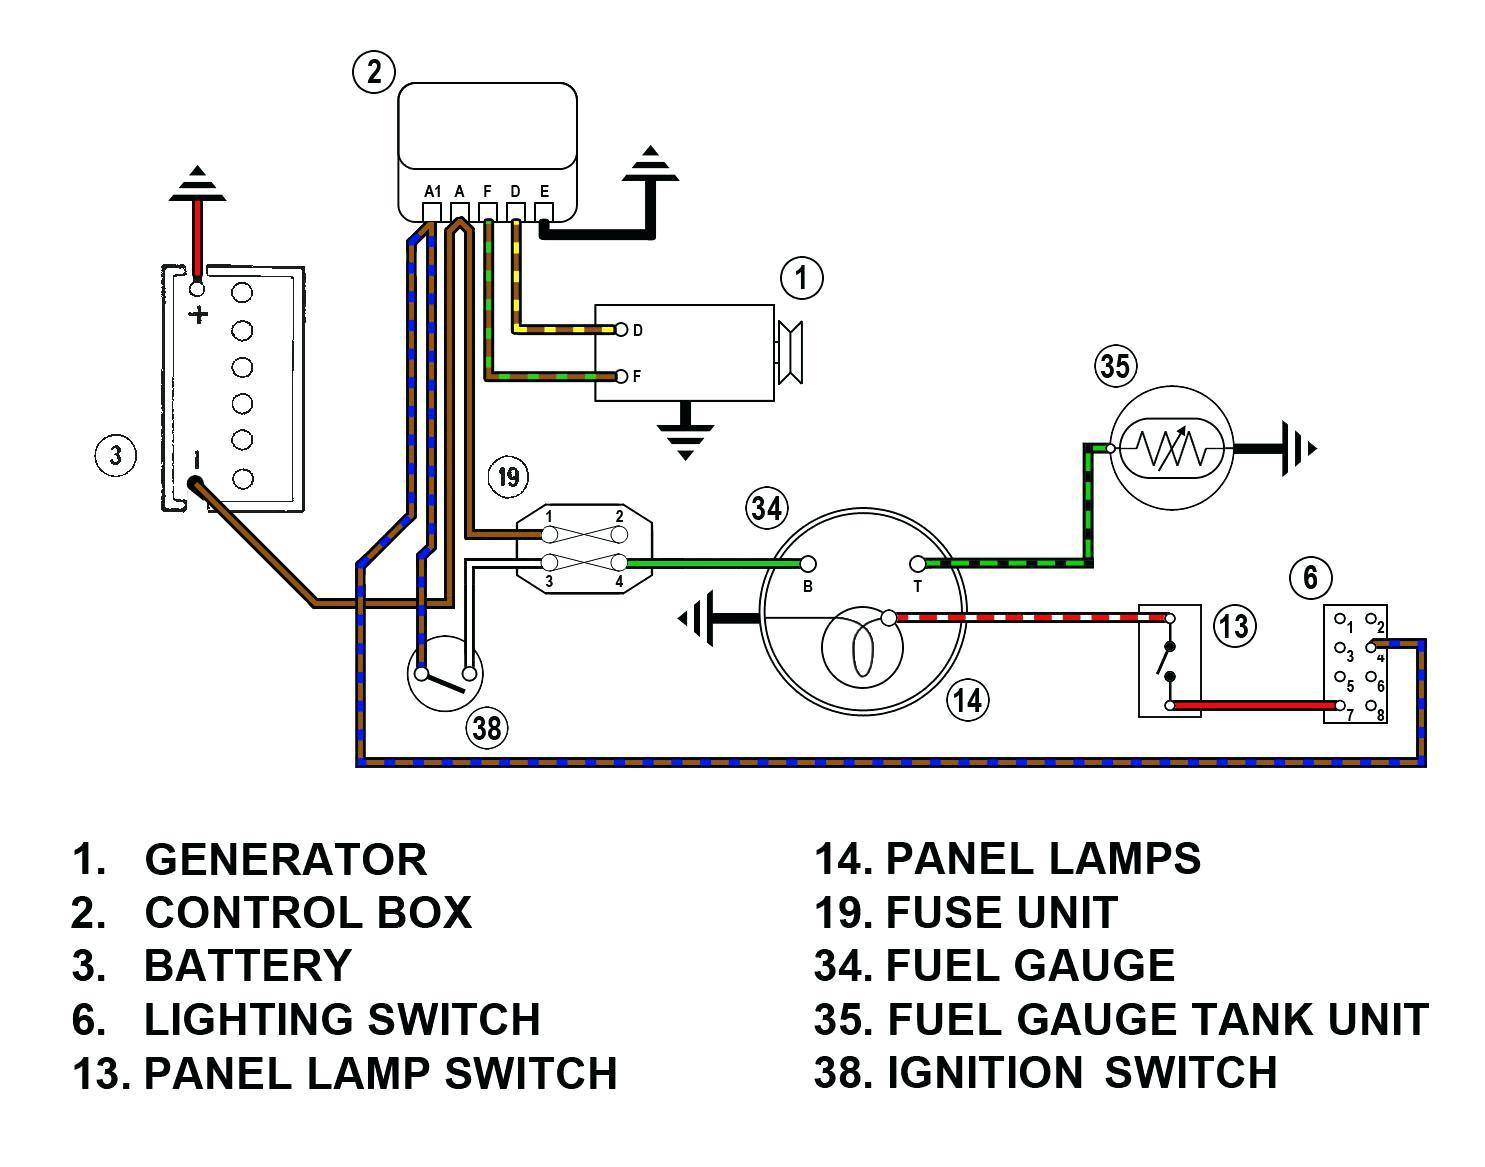 hight resolution of gooseneck trailer wiring diagram collection gooseneck trailer wiring diagram collection dump trailer wiring diagram 9 download wiring diagram